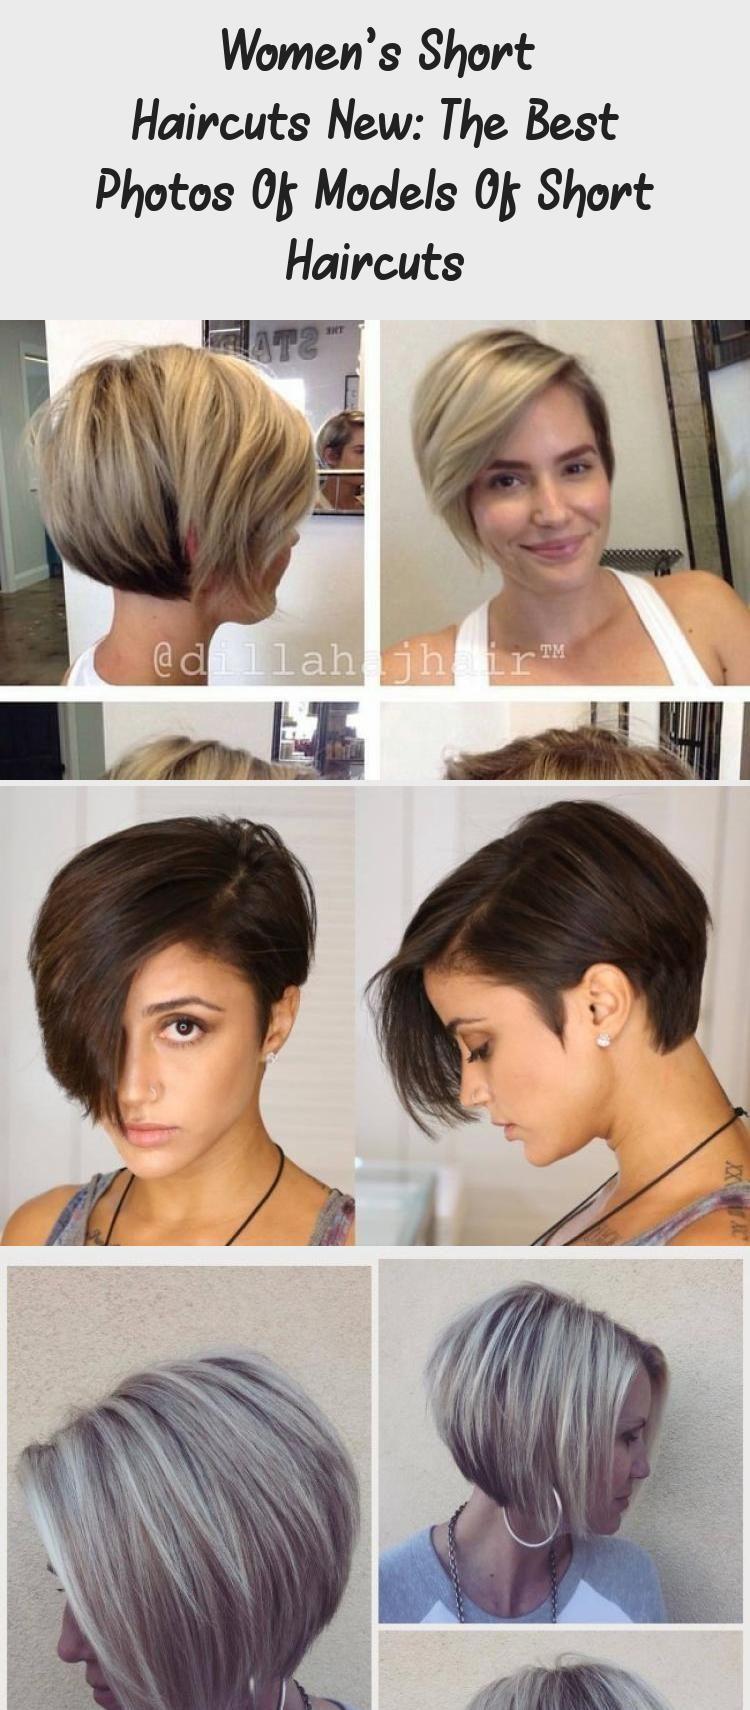 Short Hairstyles 2020 Short Hairstyles Models Shorthairstyles In 2020 Short Hair Styles Thick Hair Styles Haircut For Thick Hair